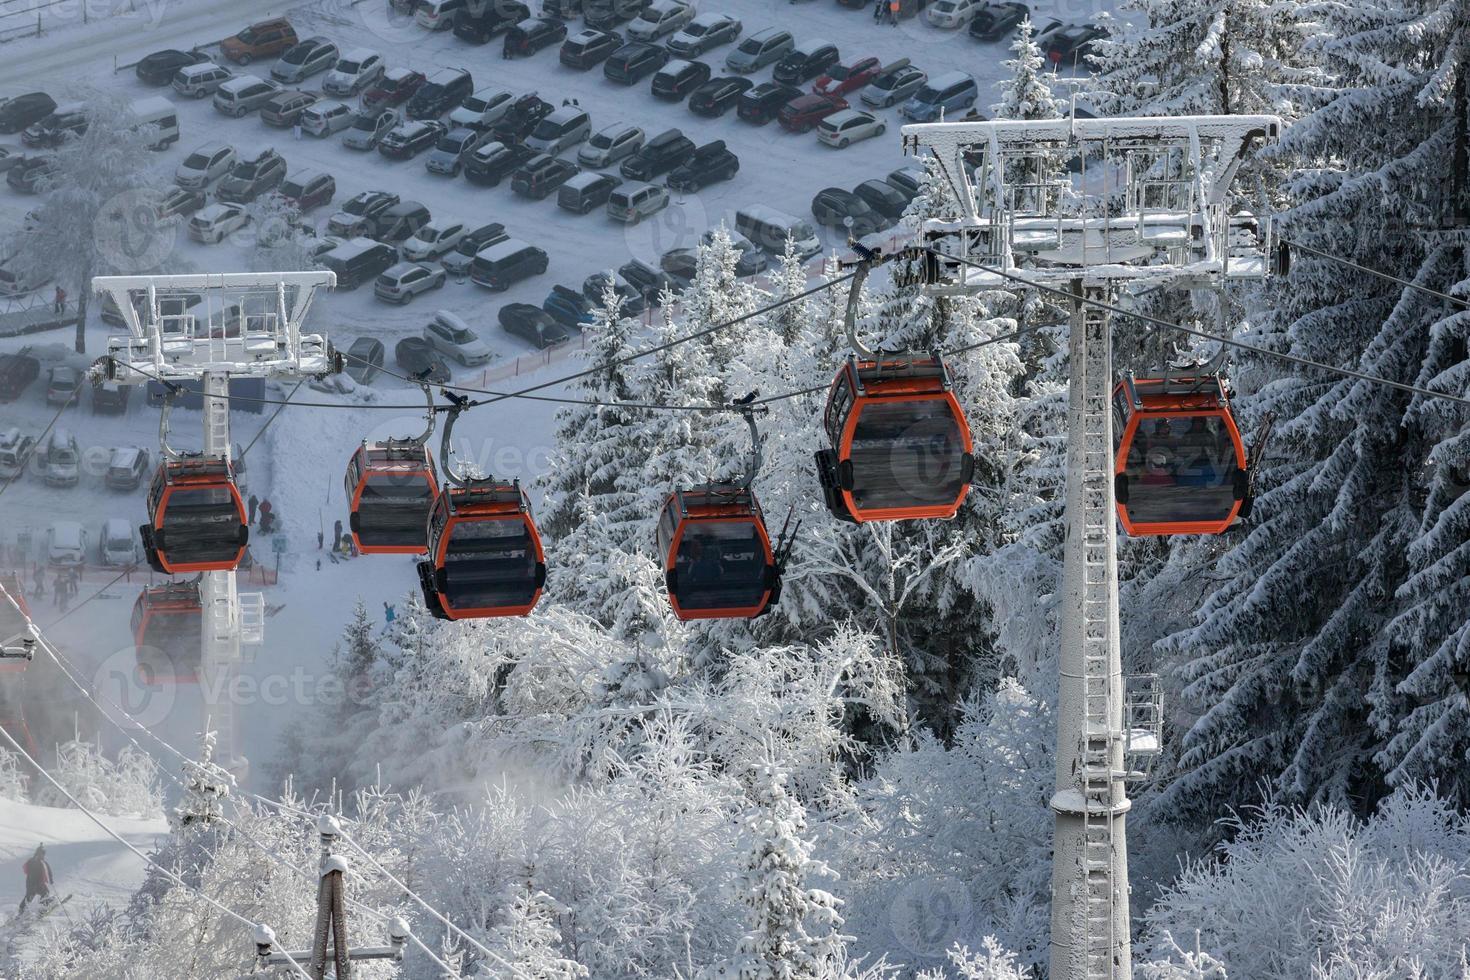 Cabin ski lift photo